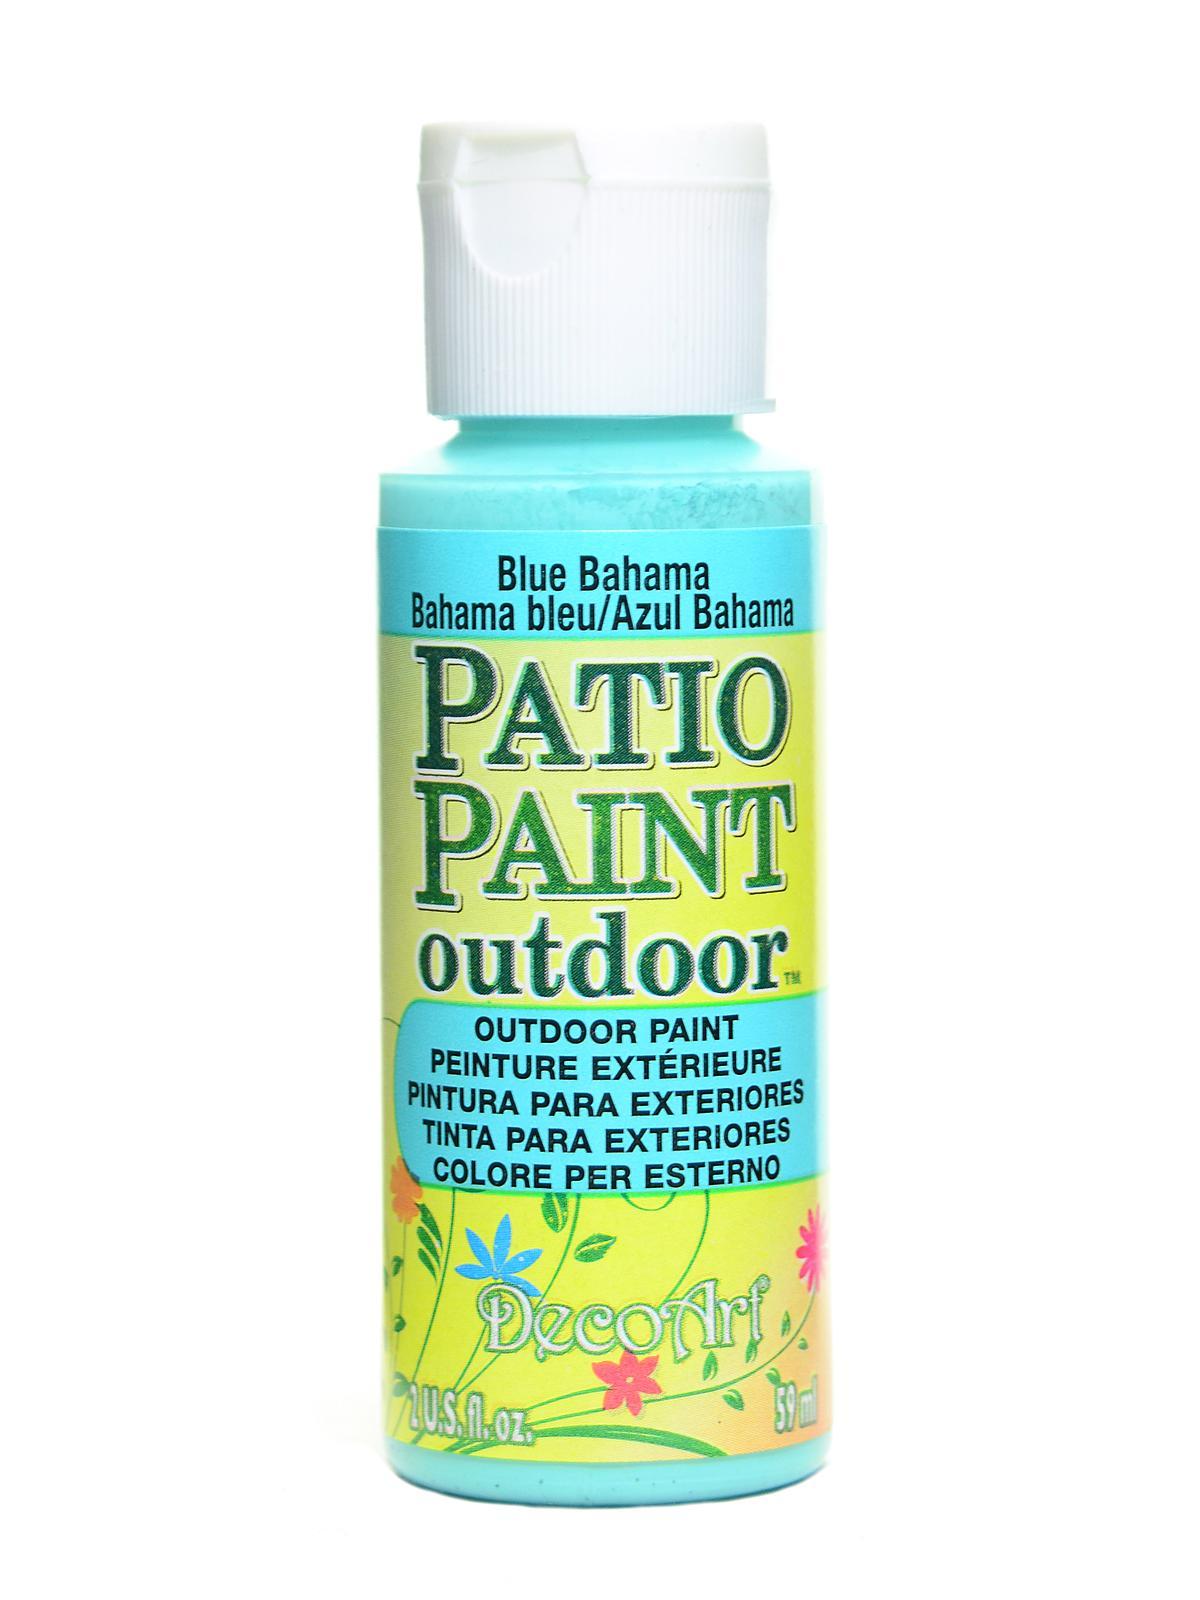 Patio Paint blue bahama 2 oz. - DecoArt Patio Paint MisterArt.com